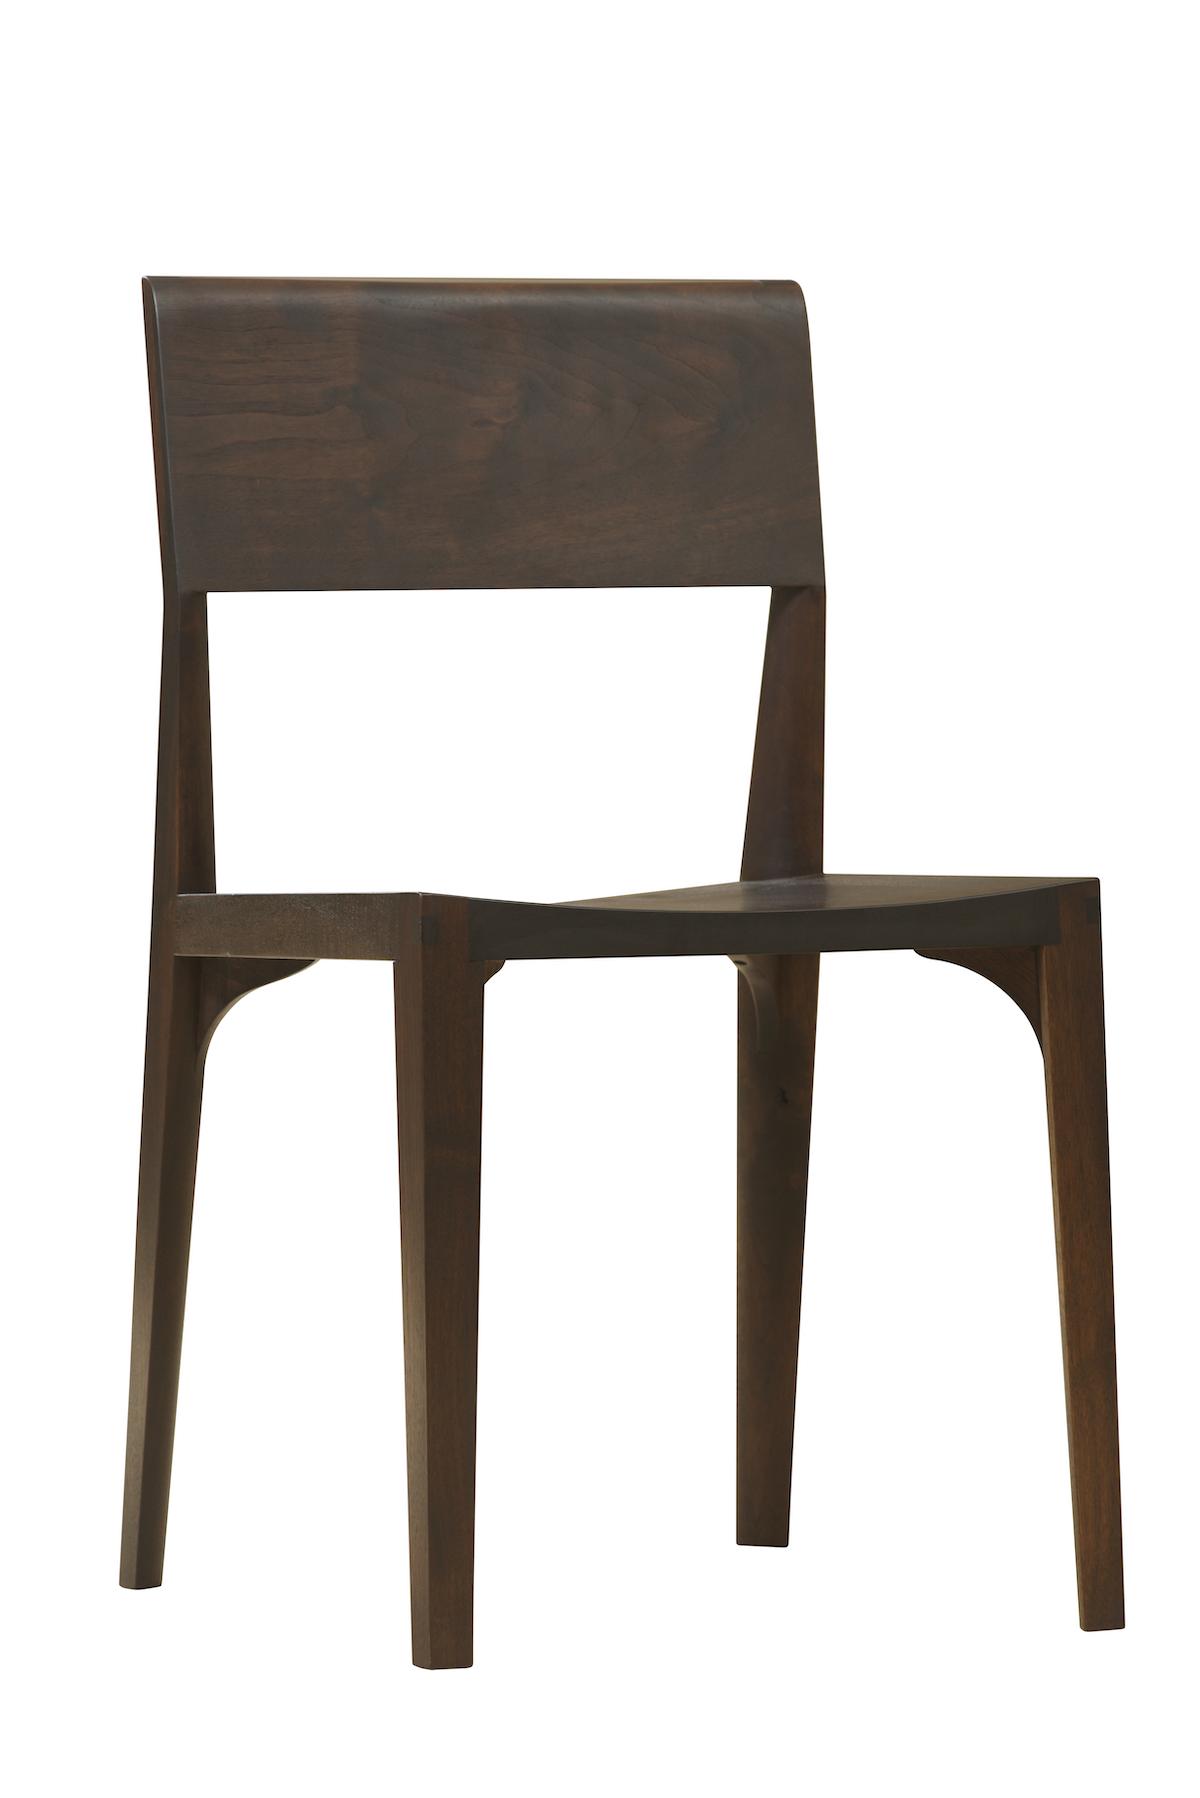 Quarter Round Chair by artist Christopher Kurtz